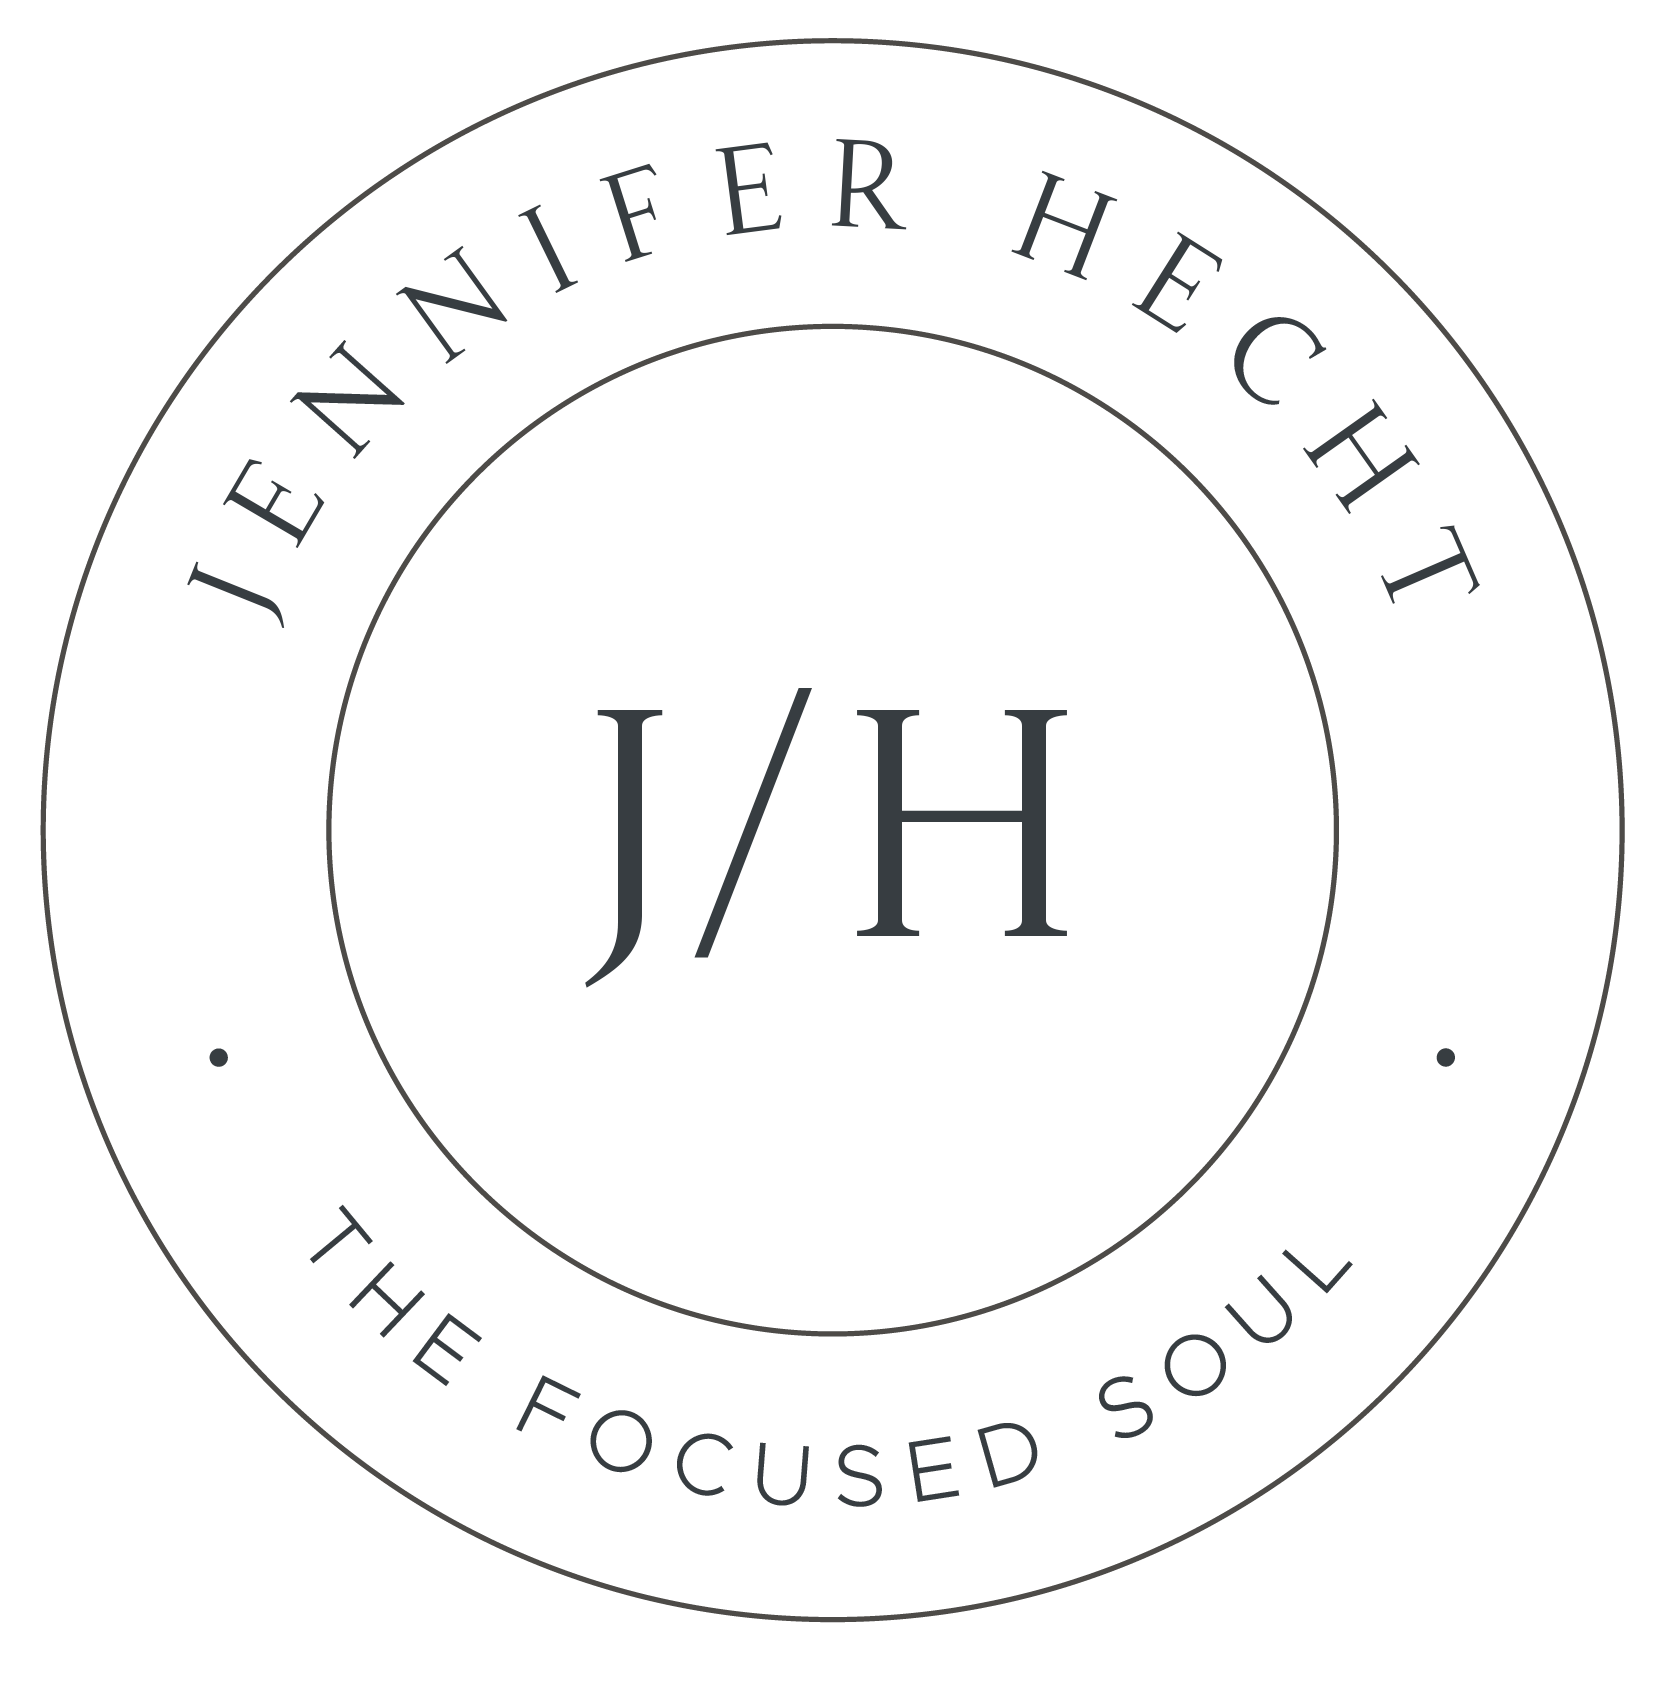 Jennifer Hecht